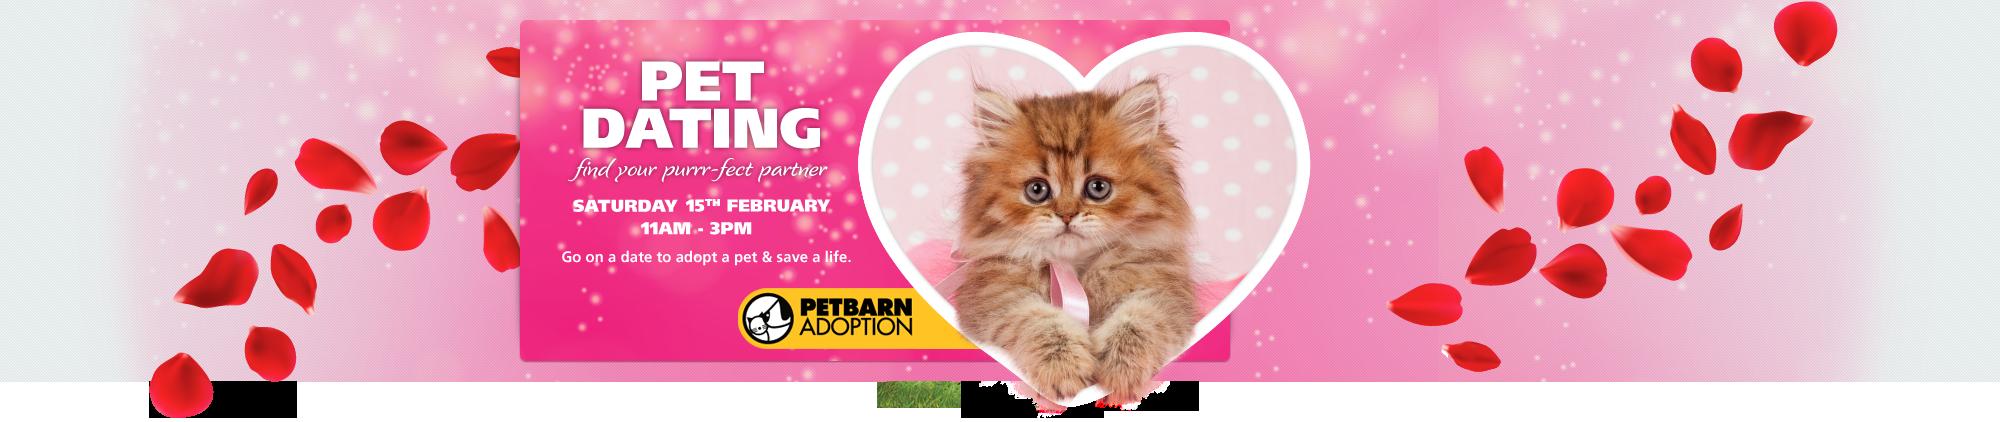 Pet Shop Pet Warehouse Buy Pet Supplies Online Petbarn Online Pet Supplies Pet Warehouse Pet Shop